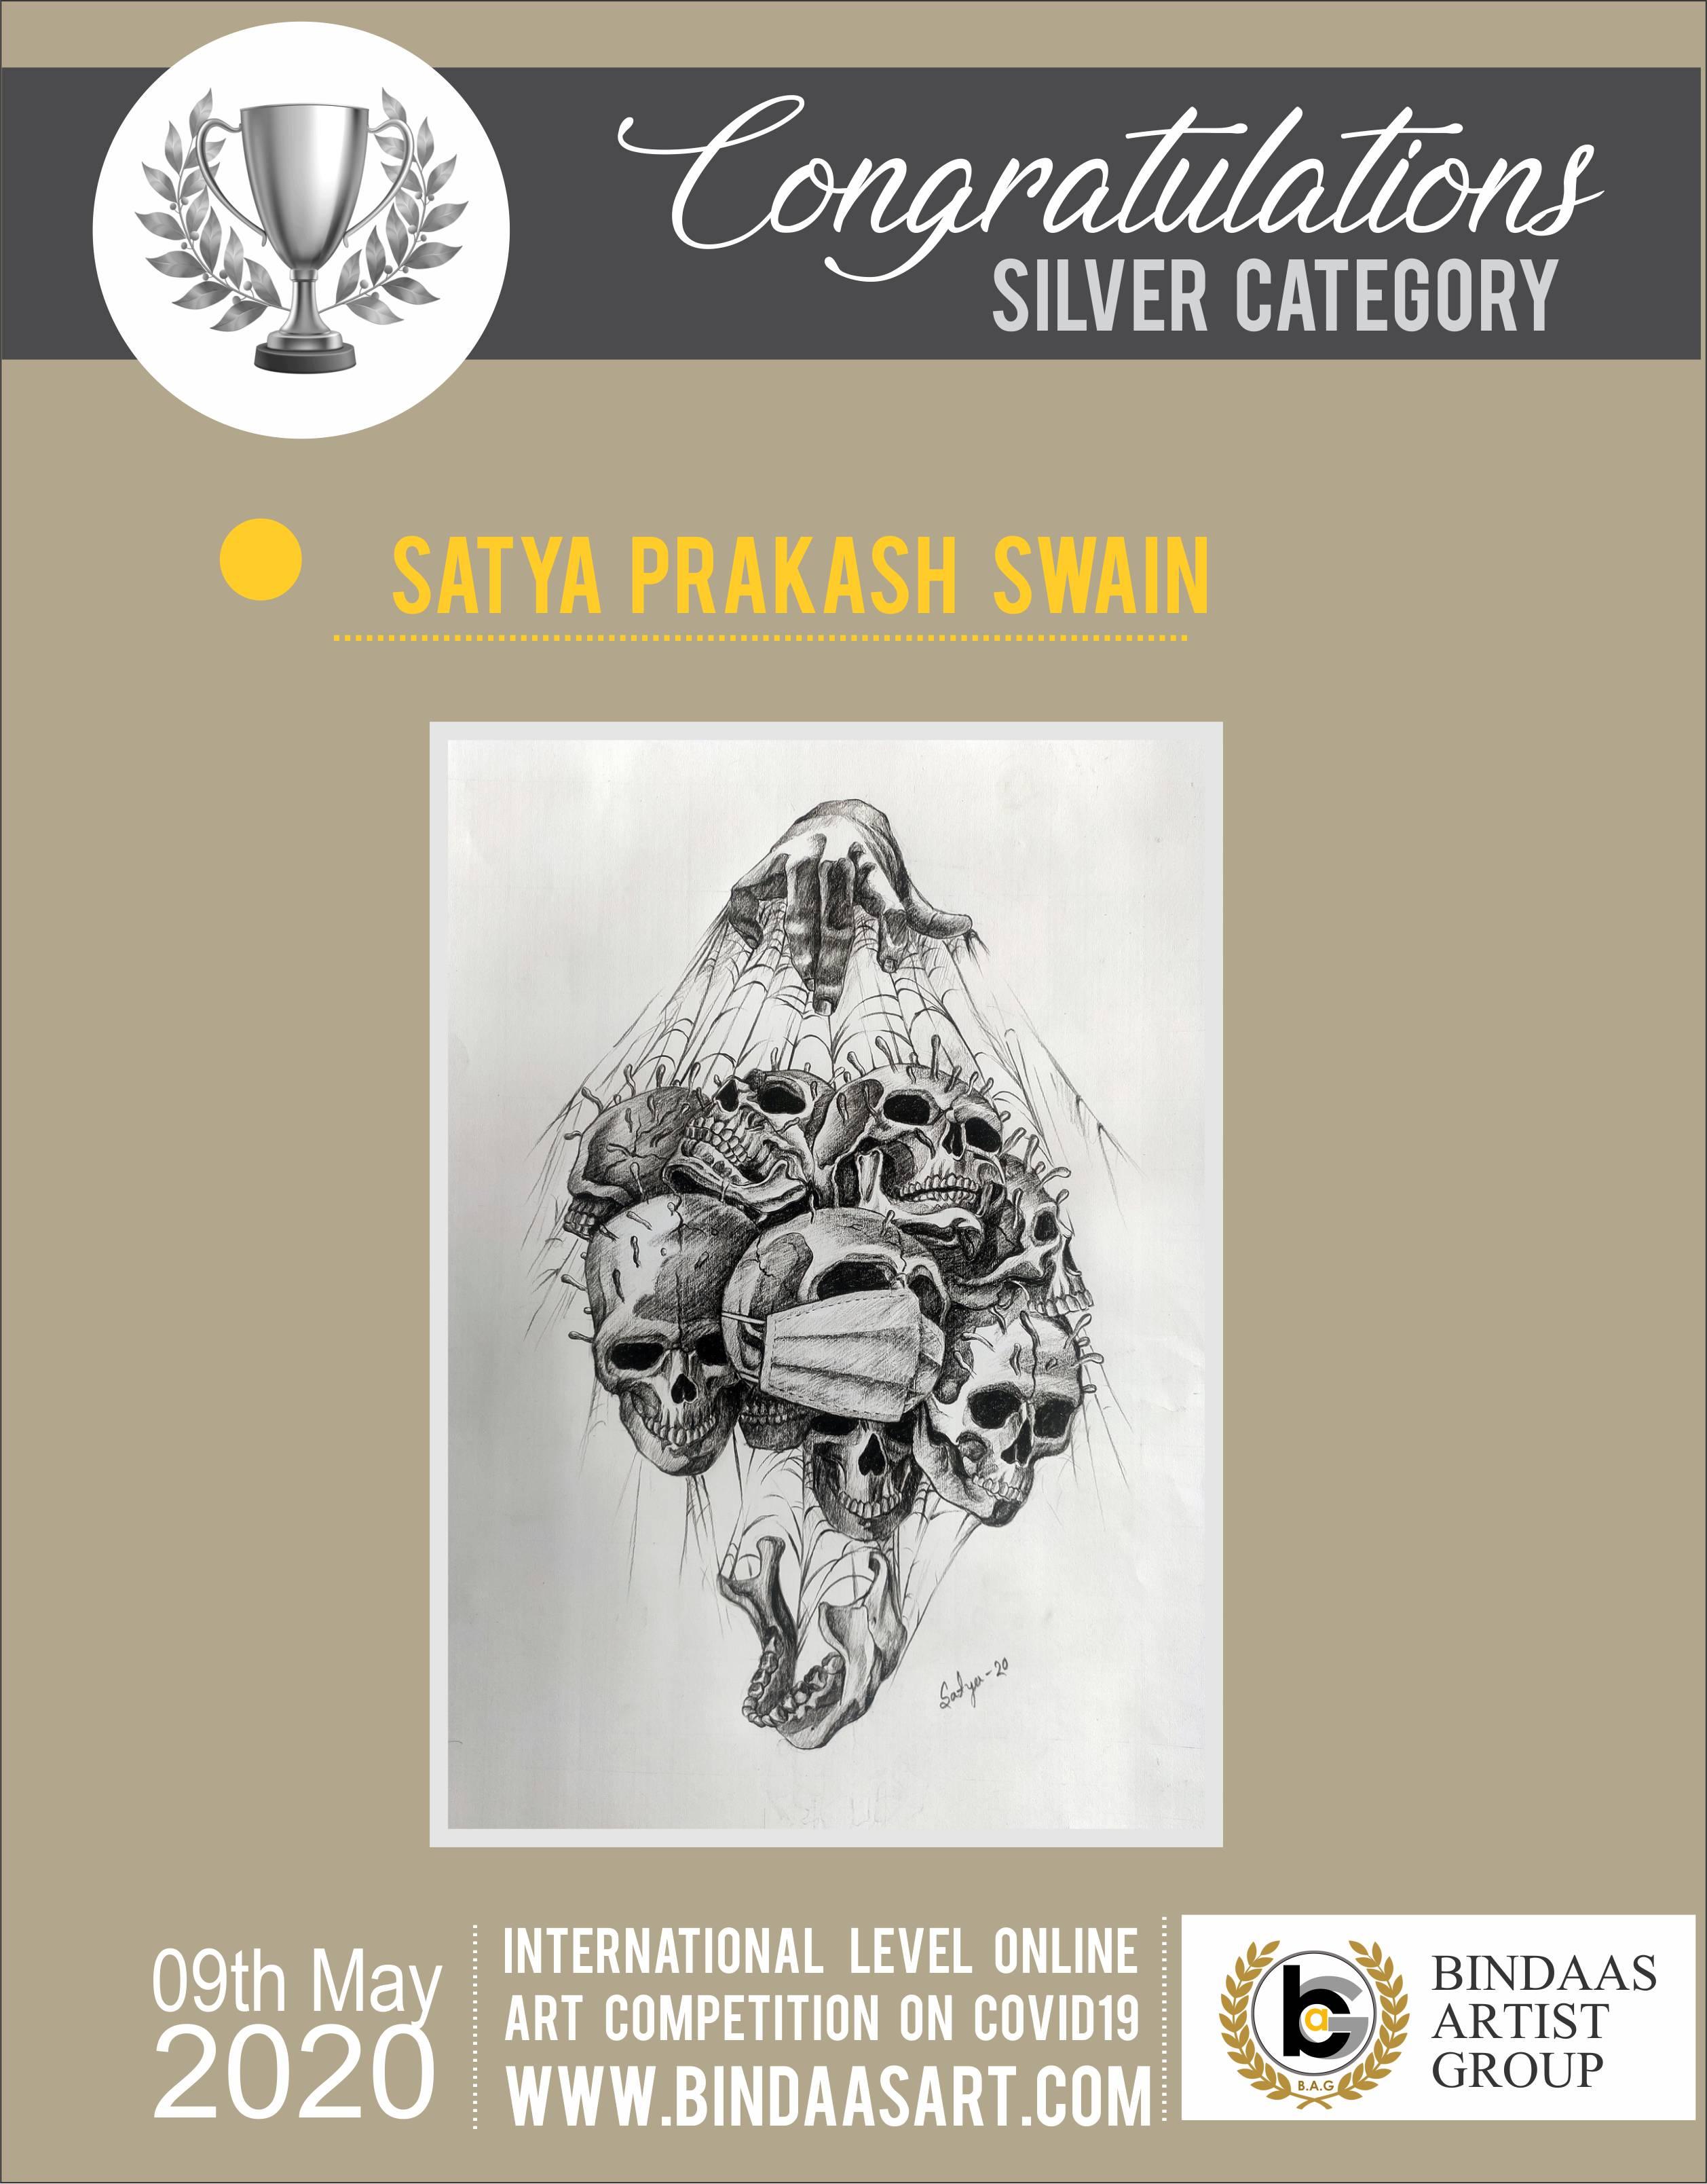 Satyaprakash Swain